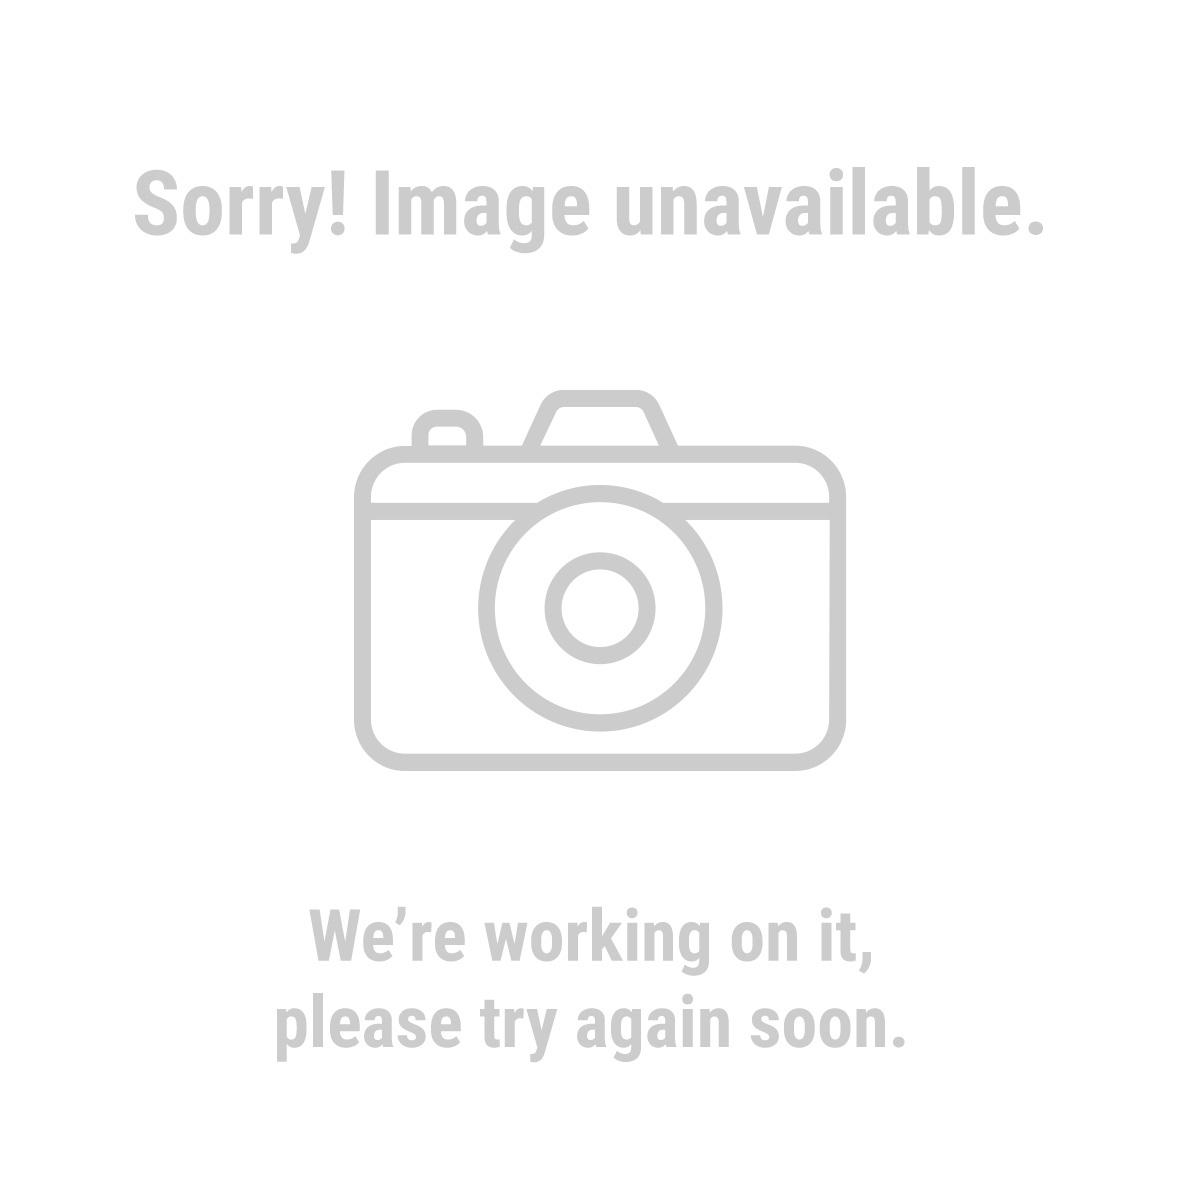 Harbor Freight Predator Generator 8750 Review | CINEMAS 93 on